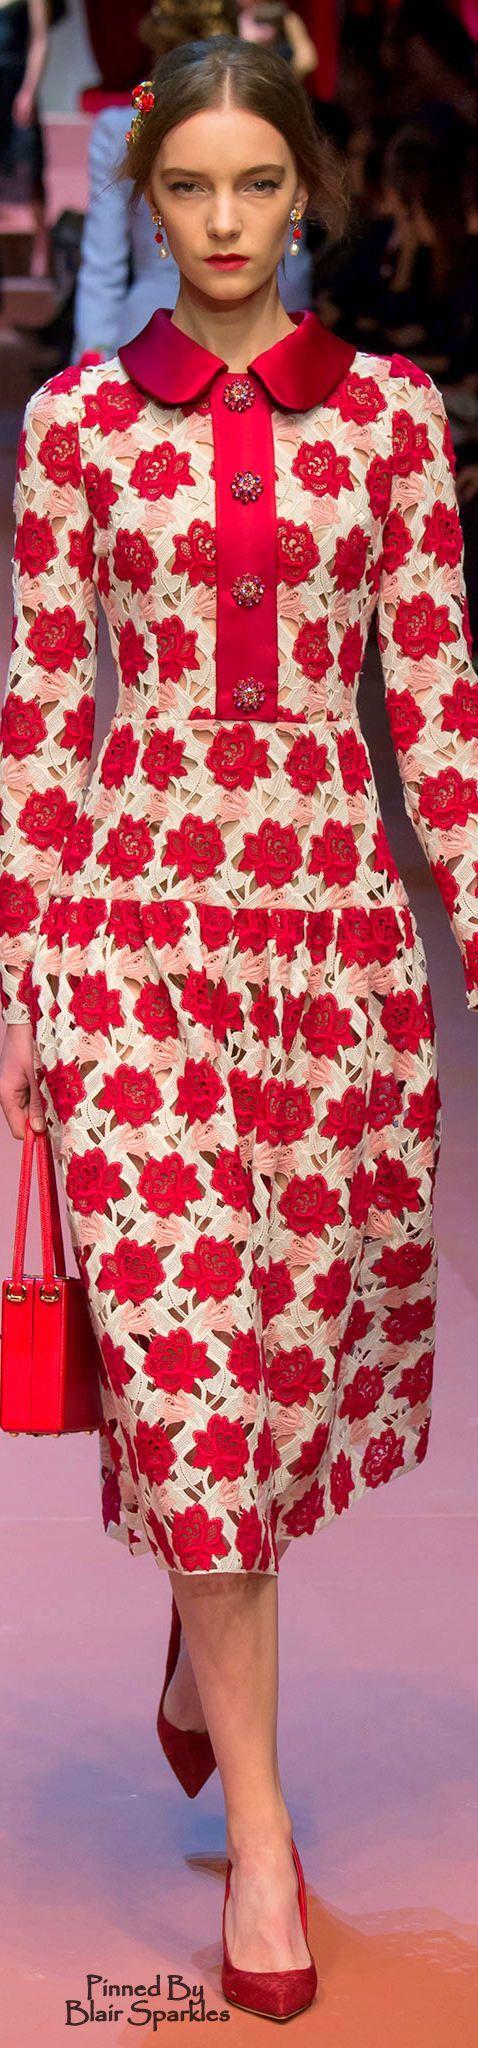 Dolce & Gabbana Fall 2015 Ready-to-Wear Fashion Show